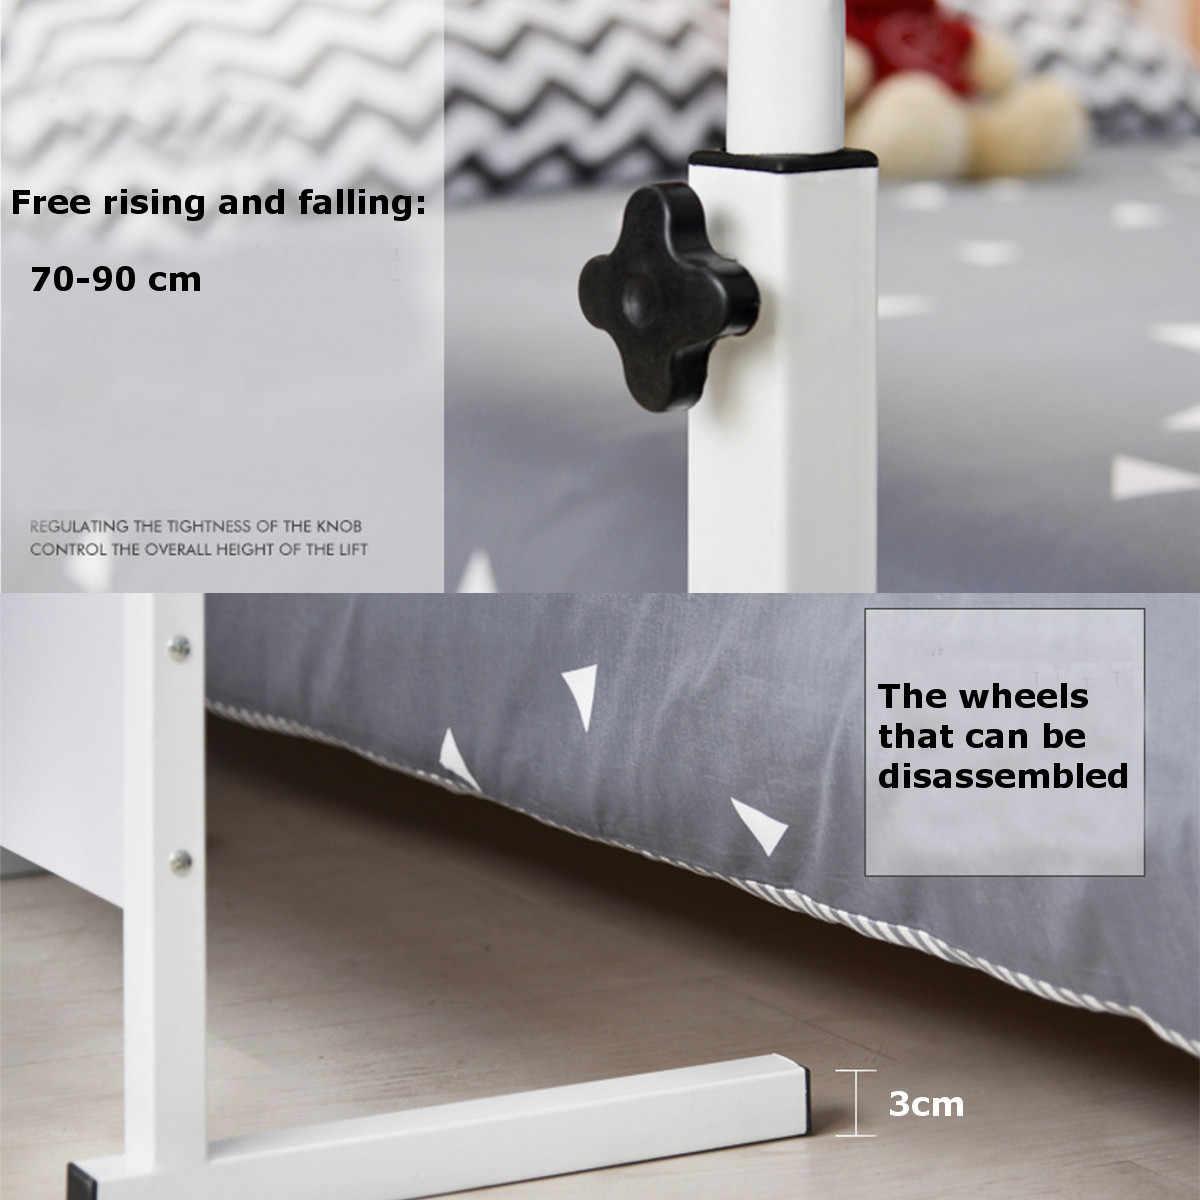 Escritorio plegable de 70-90 cm para ordenador portátil con rodillo para ordenador portátil mesa de aprendizaje para estudiantes bandeja de cama móvil Oficina hogar ventilación soporte